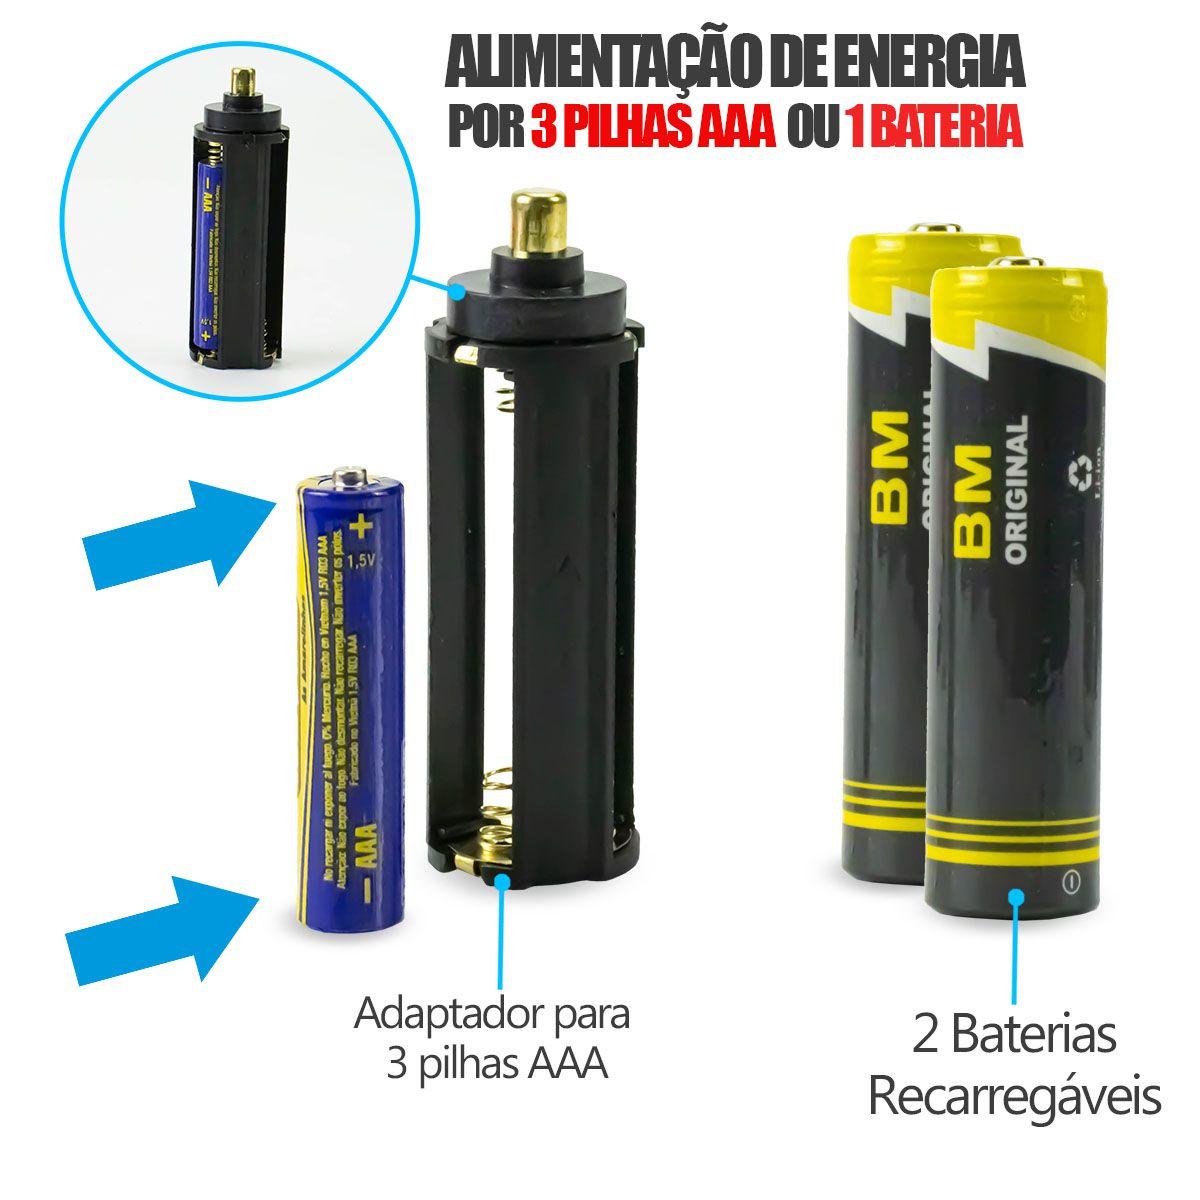 KIT 3x Lanterna Tática Led Cree com Sinalizador, Foco Ajustável e Bateria Recarregável B-Max BM8466